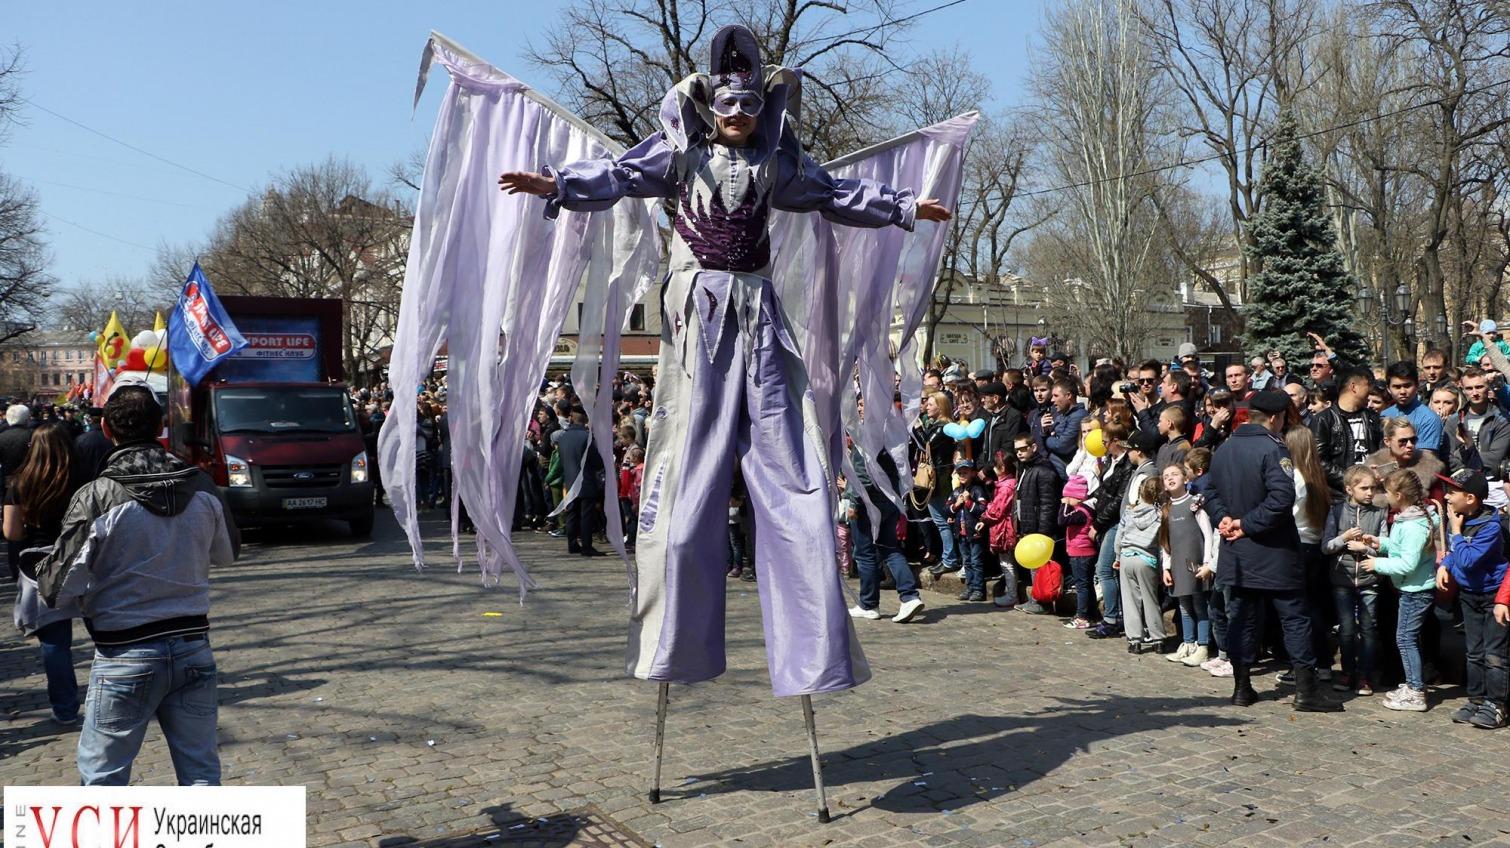 Парад «Юморины-2017»: по Одессе прошлись косплееры, Дарт Вейдер, орки и клоуны (фото) «фото»